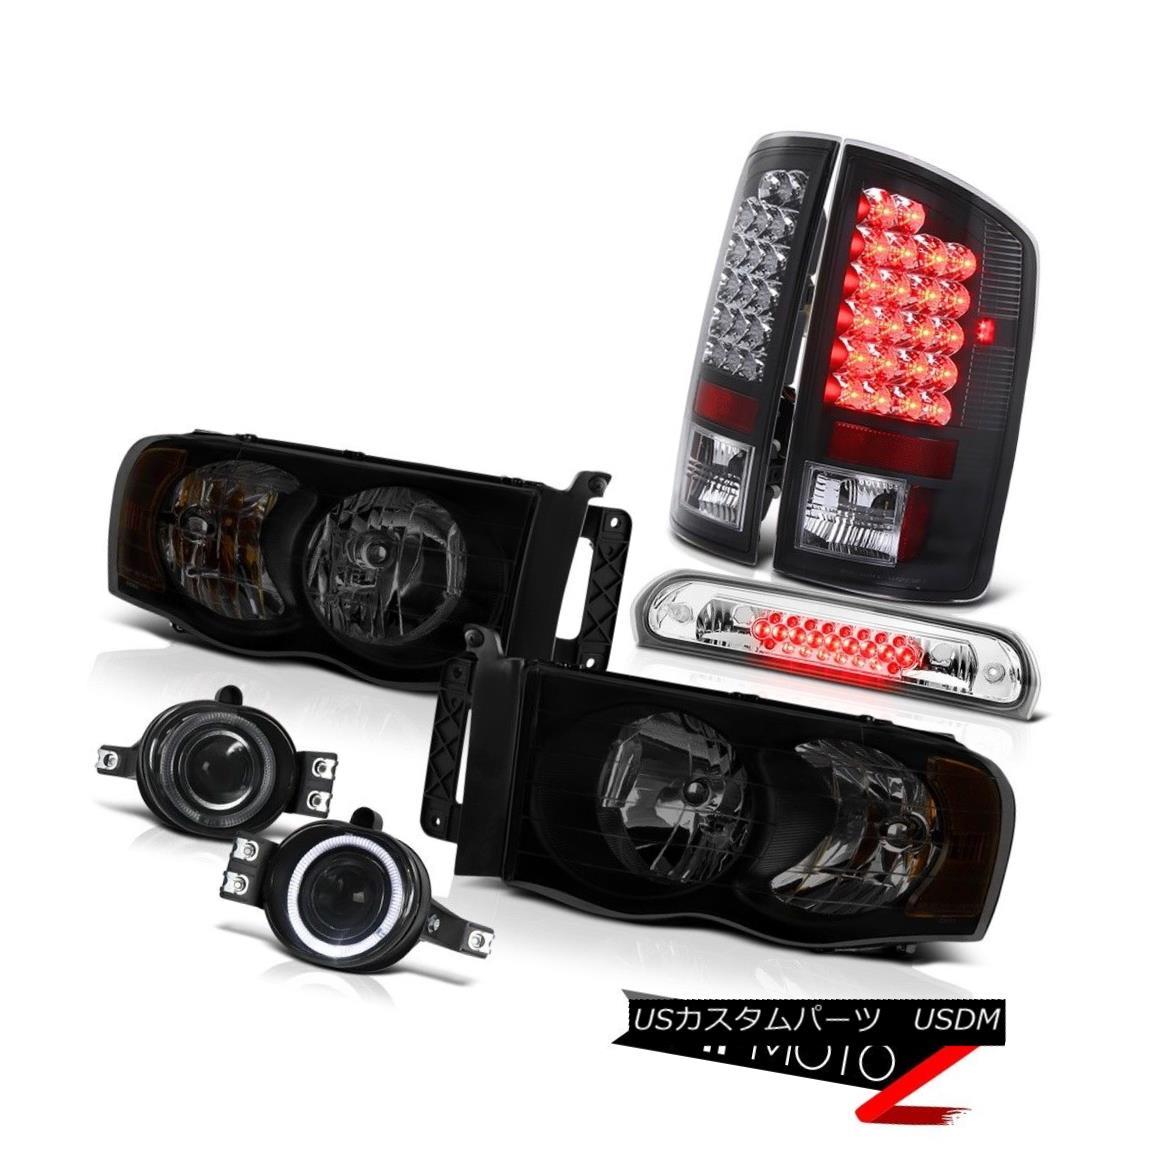 テールライト 02-05 Ram 1500 2500 3500 3.7L Headlamps Foglamps Third Brake Lamp Taillamps SMD 02-05 Ram 1500 2500 3500 3.7Lヘッドランプフォグランプ第3ブレーキランプタイルランプSMD